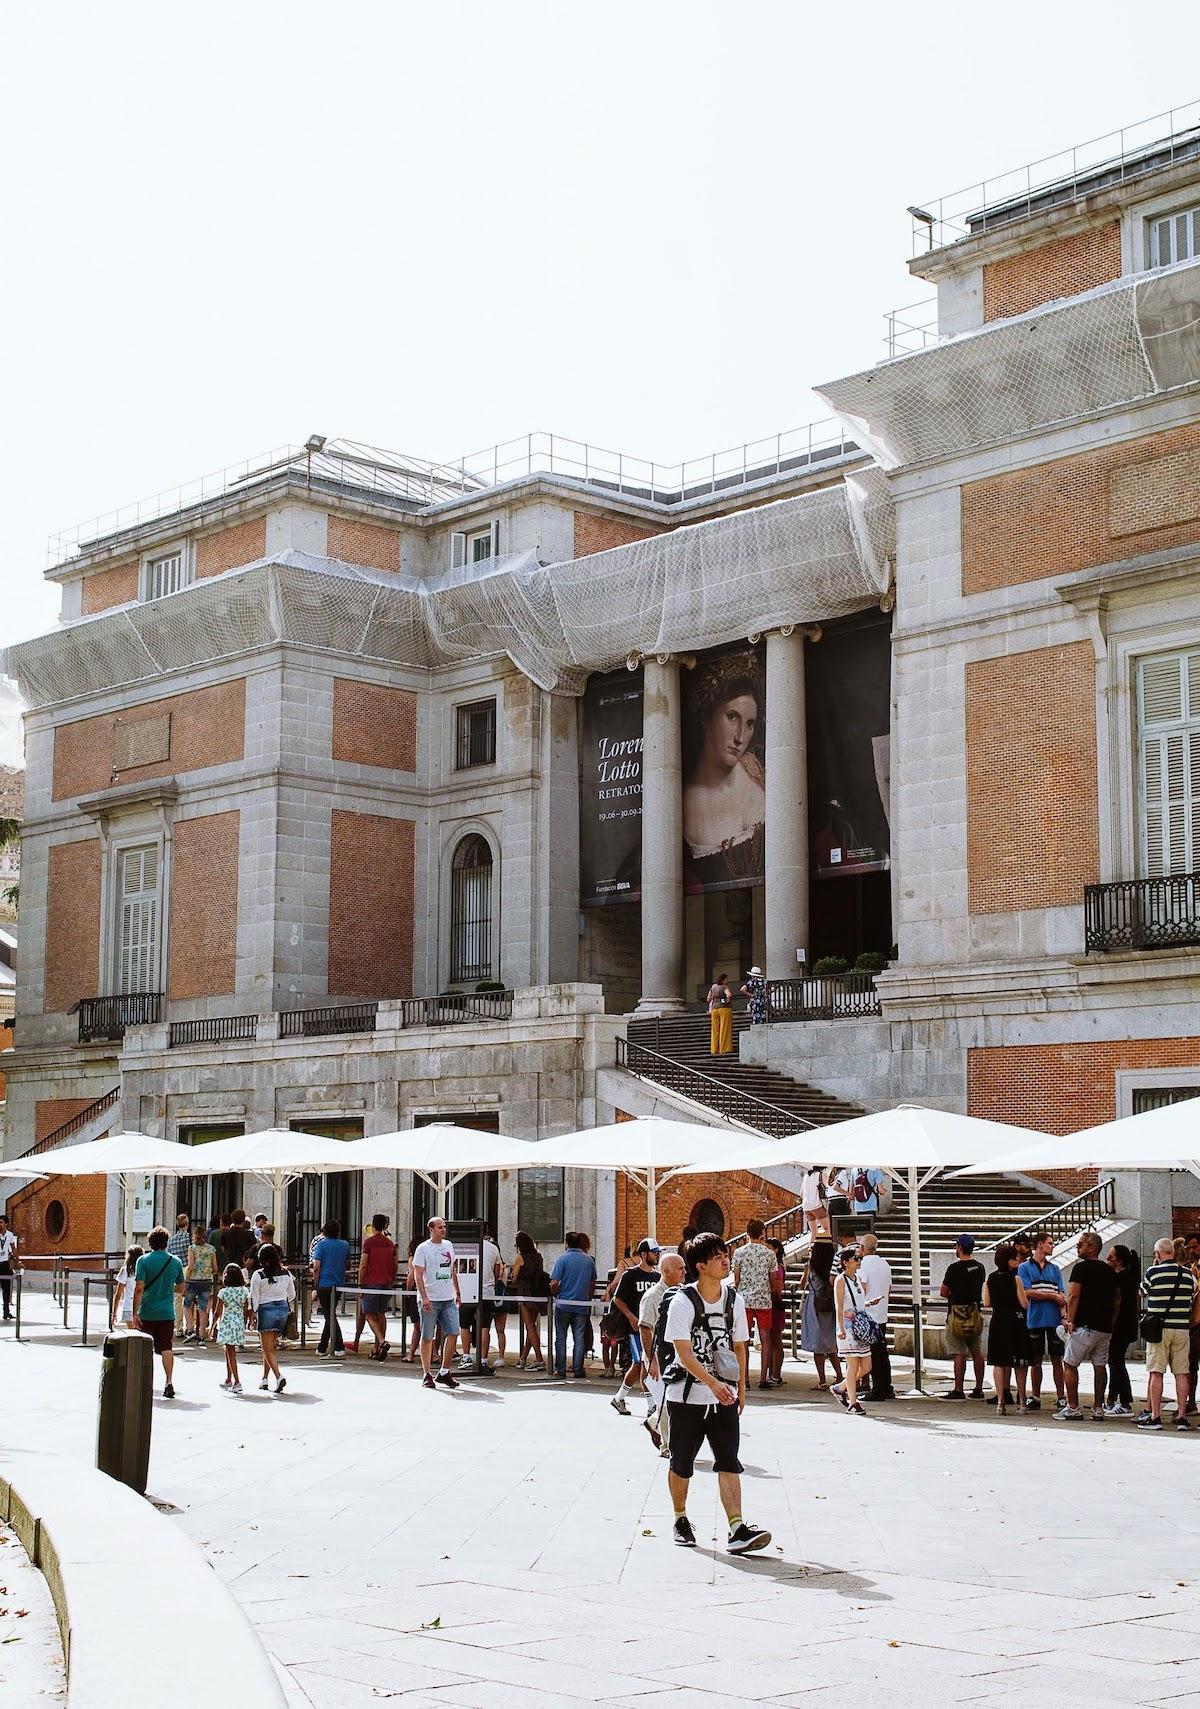 Exterior de un gran edificio de ladrillo y piedra con gente haciendo cola bajo sombrillas en el exterior.